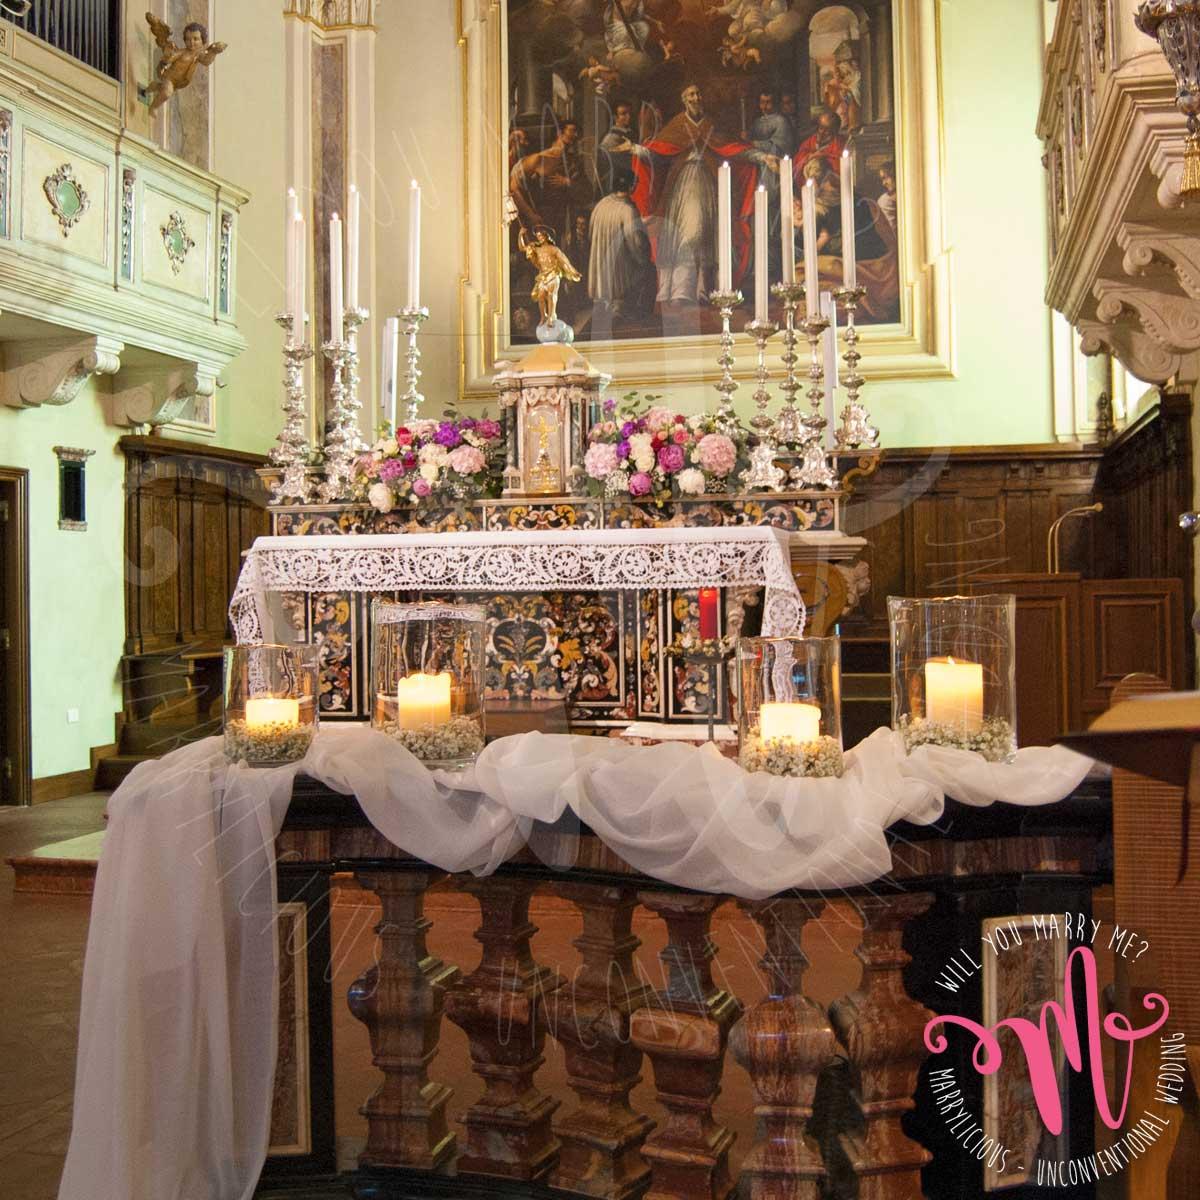 balaustre-altare